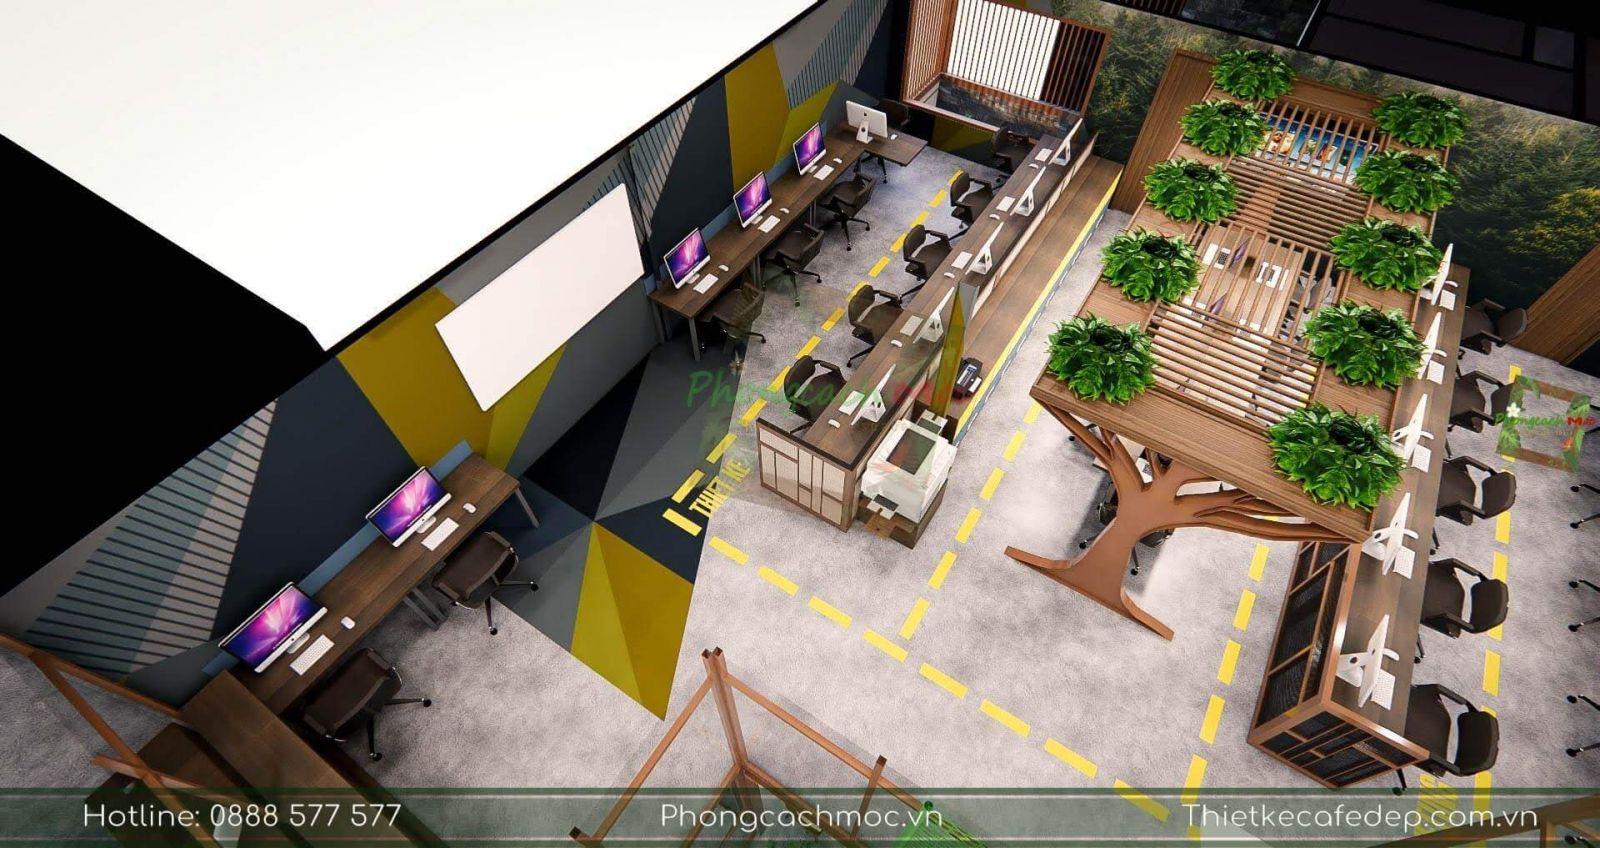 thiết kế bố trí nội thất dự án pcm workshop